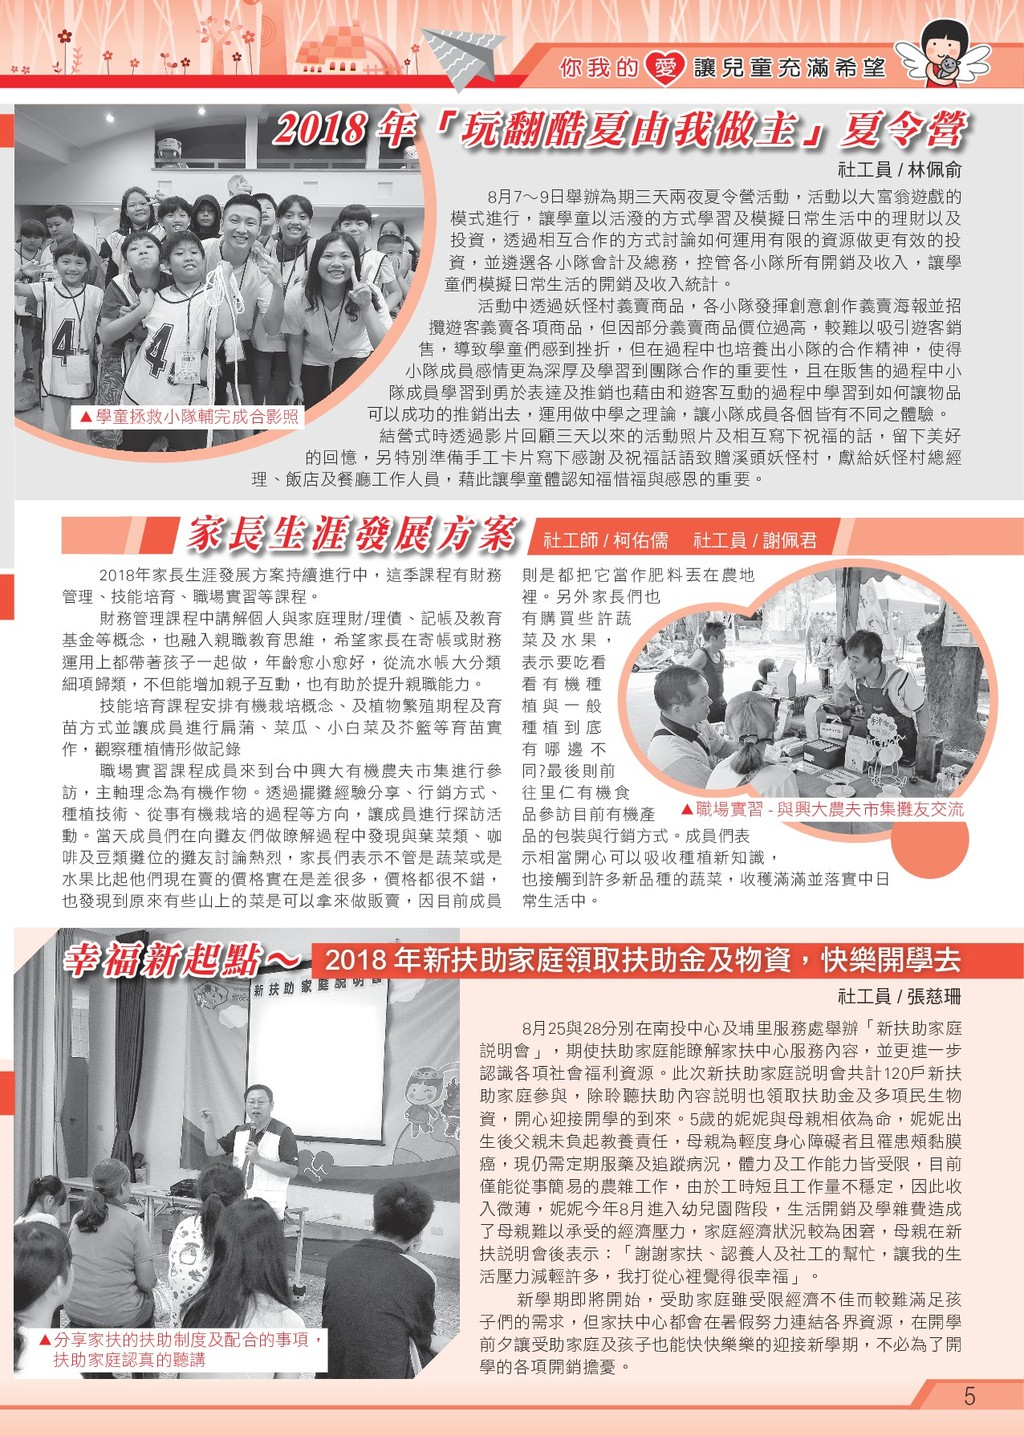 5 社工員 / 林佩俞 社工員 / 張慈珊 家 長 生 涯 發 展 方 案 2018年家長生涯...